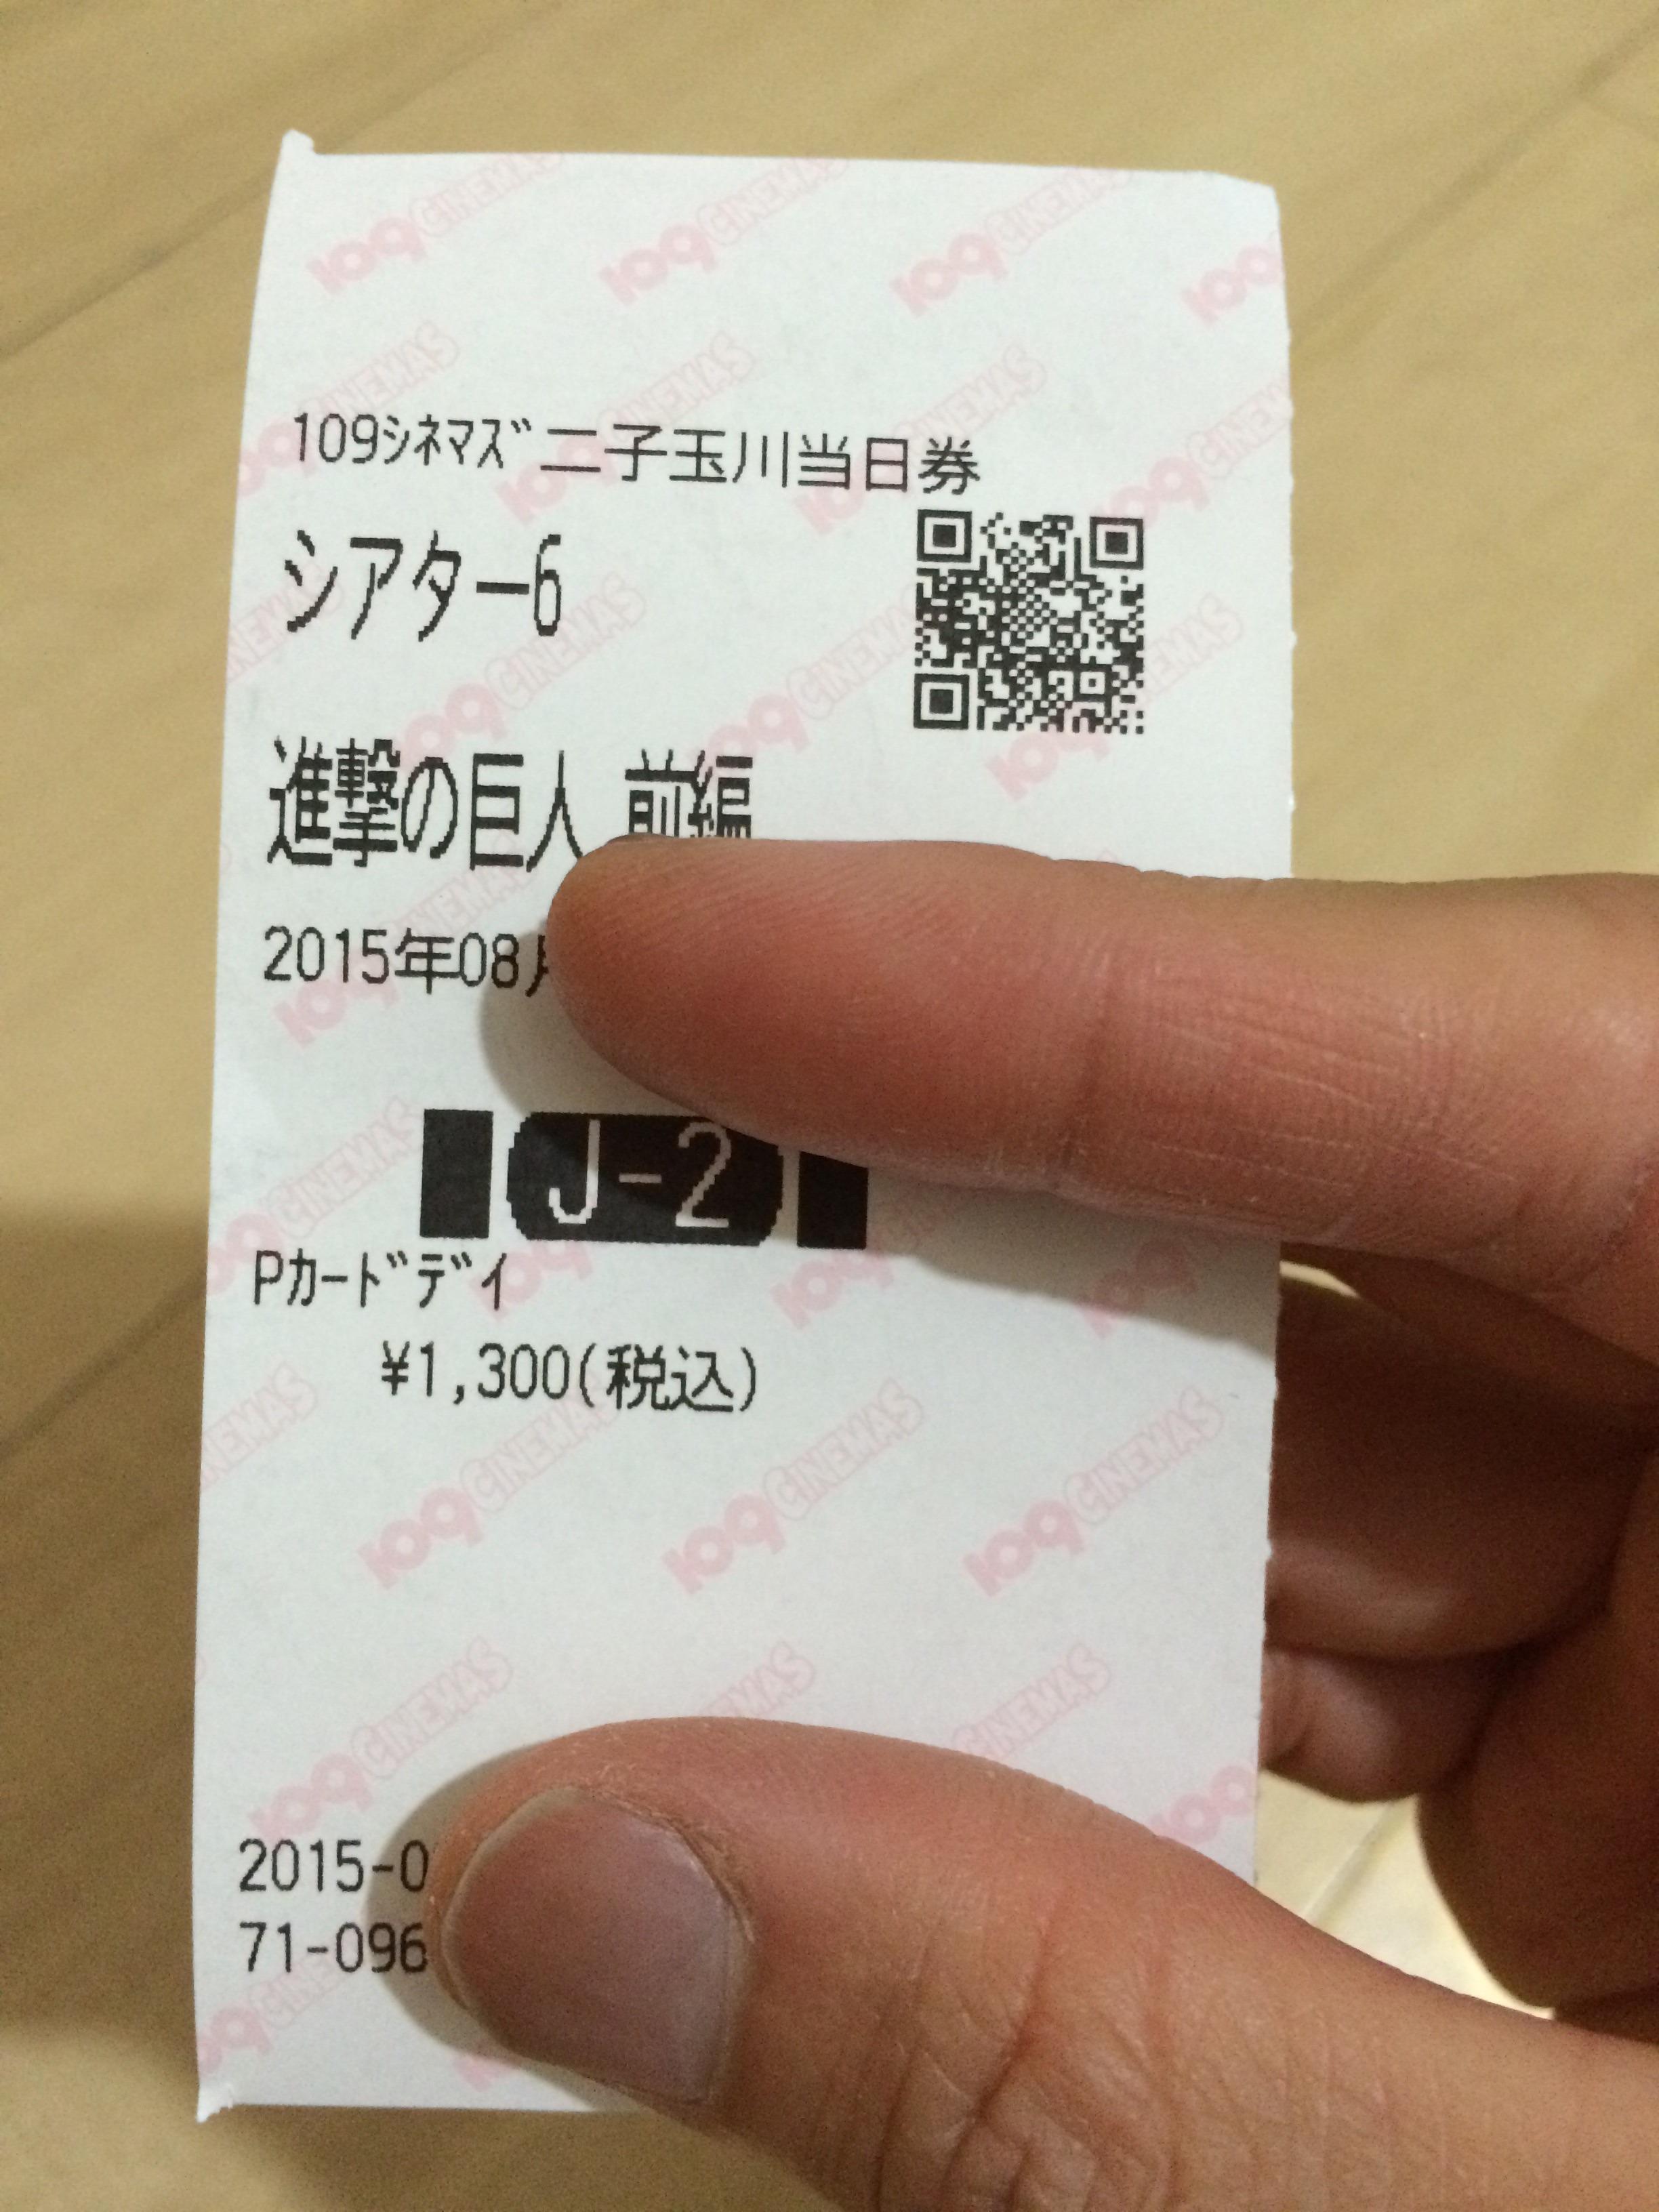 映画 チケット 進撃の巨人